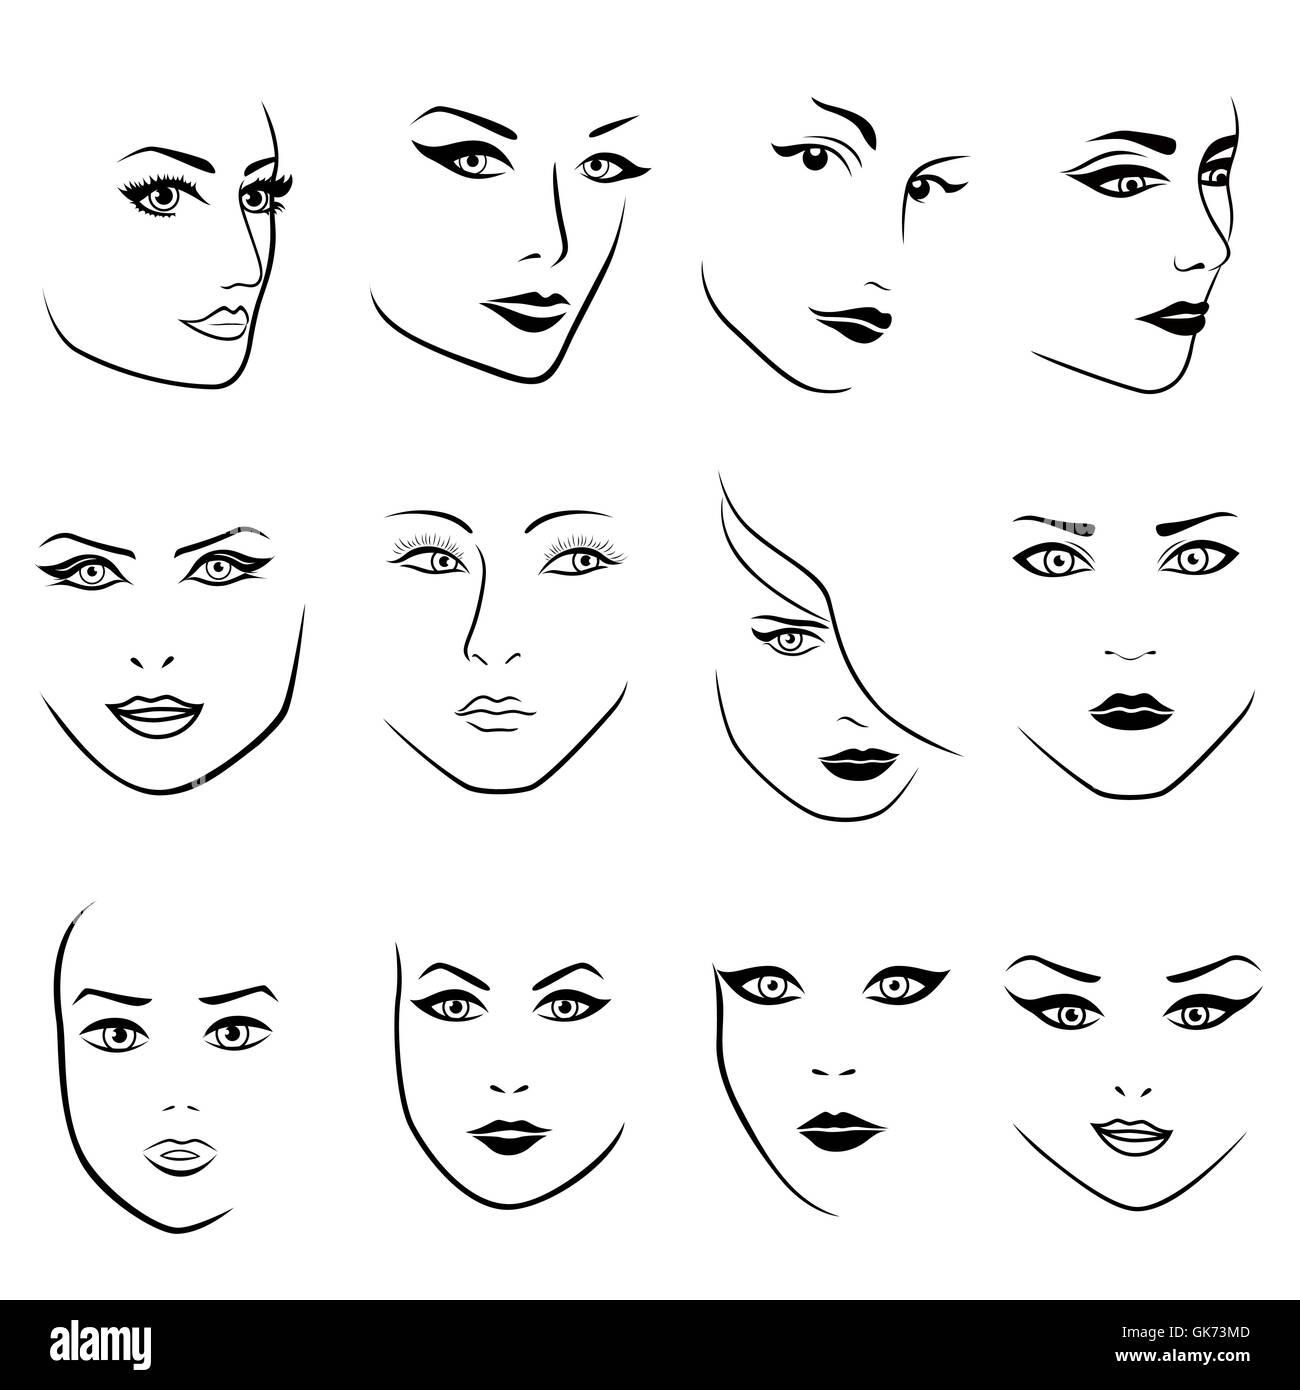 Conjunto de 12 jóvenes caras de diversos caracteres dibujo a mano alzada contornos vectoriales aislado en el fondo blanco